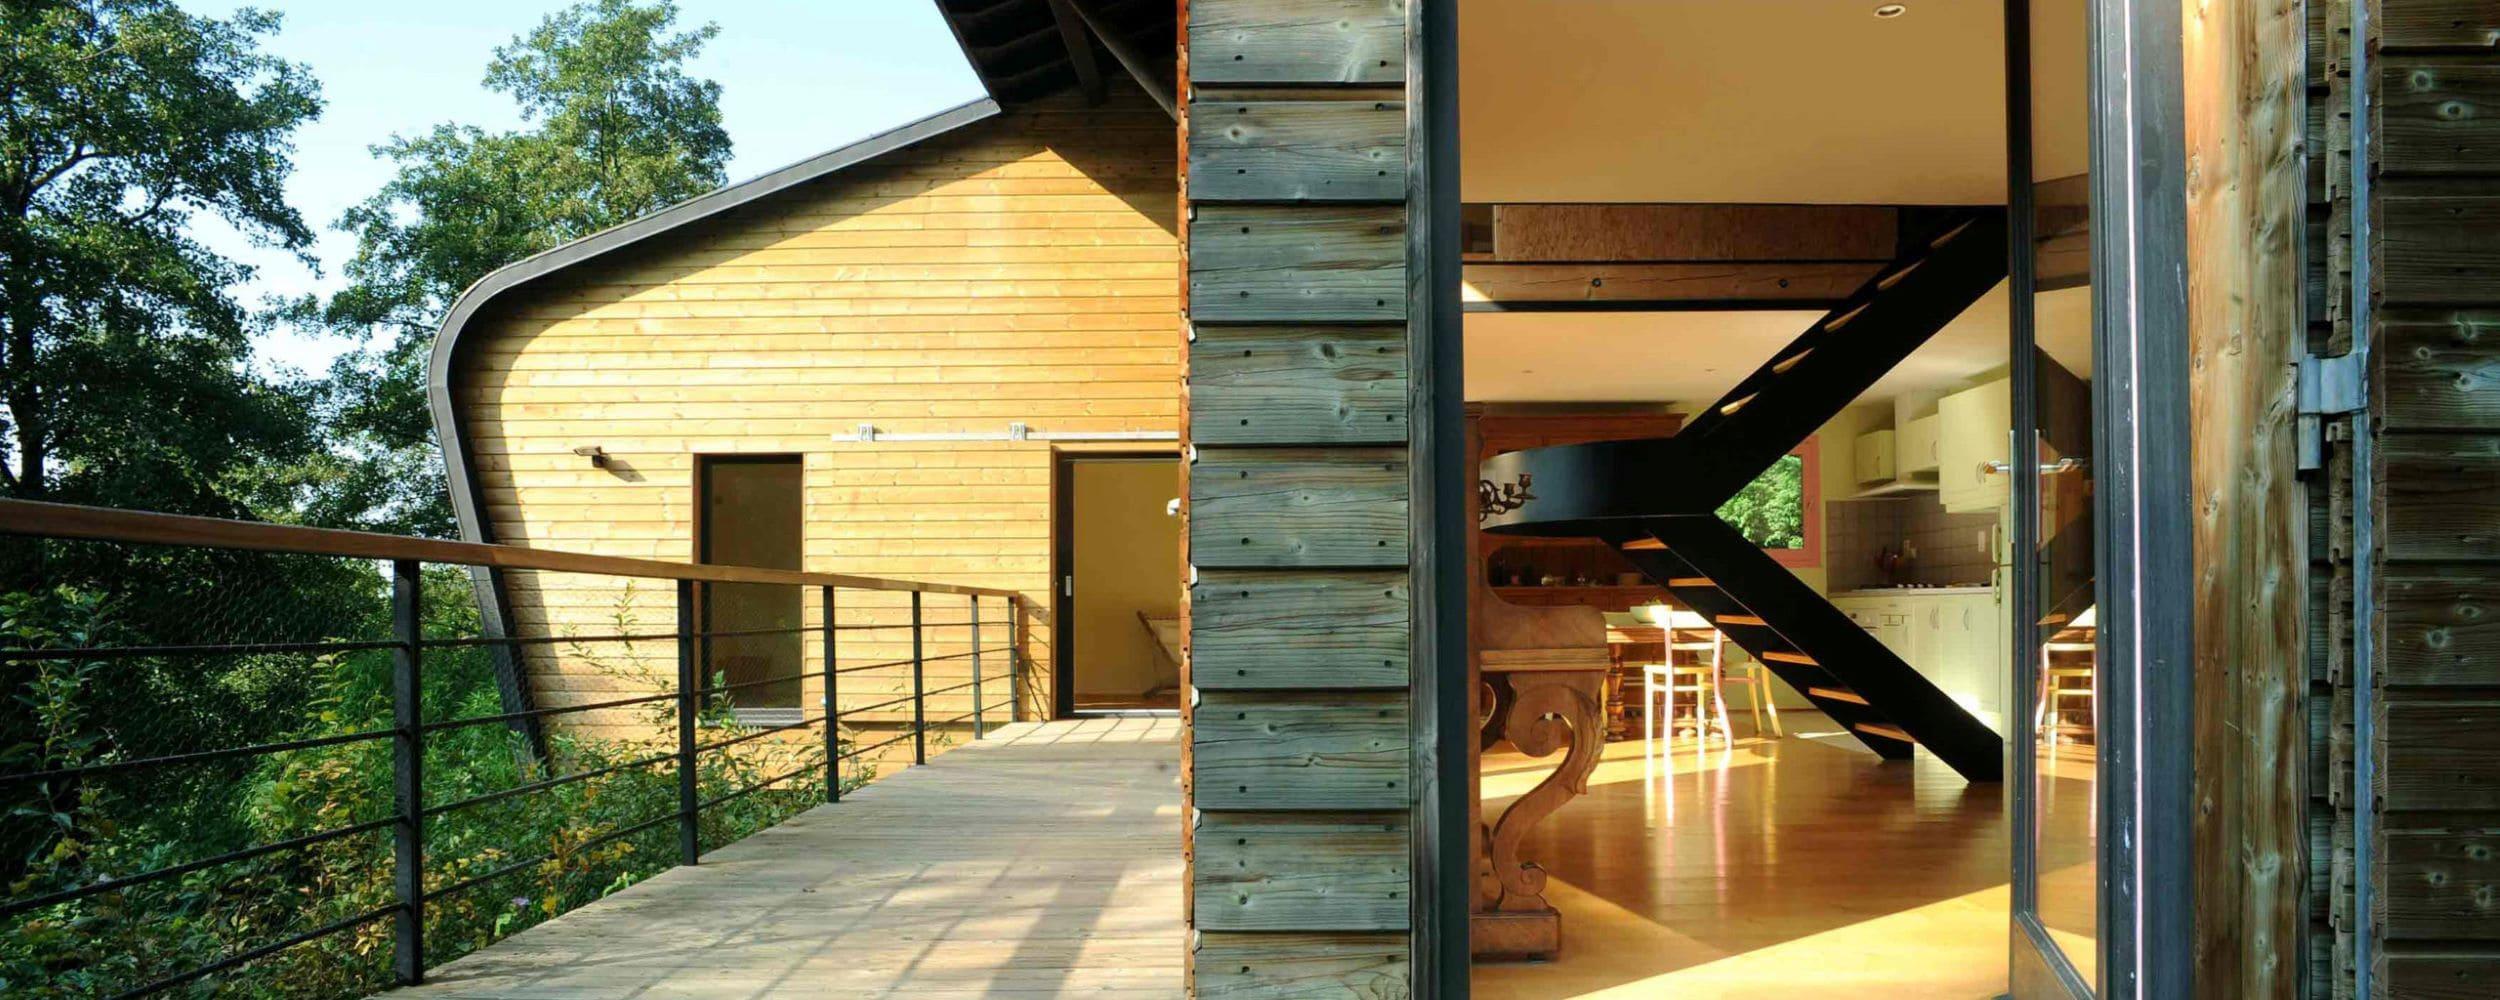 maison-construction-ossature-bois-verna